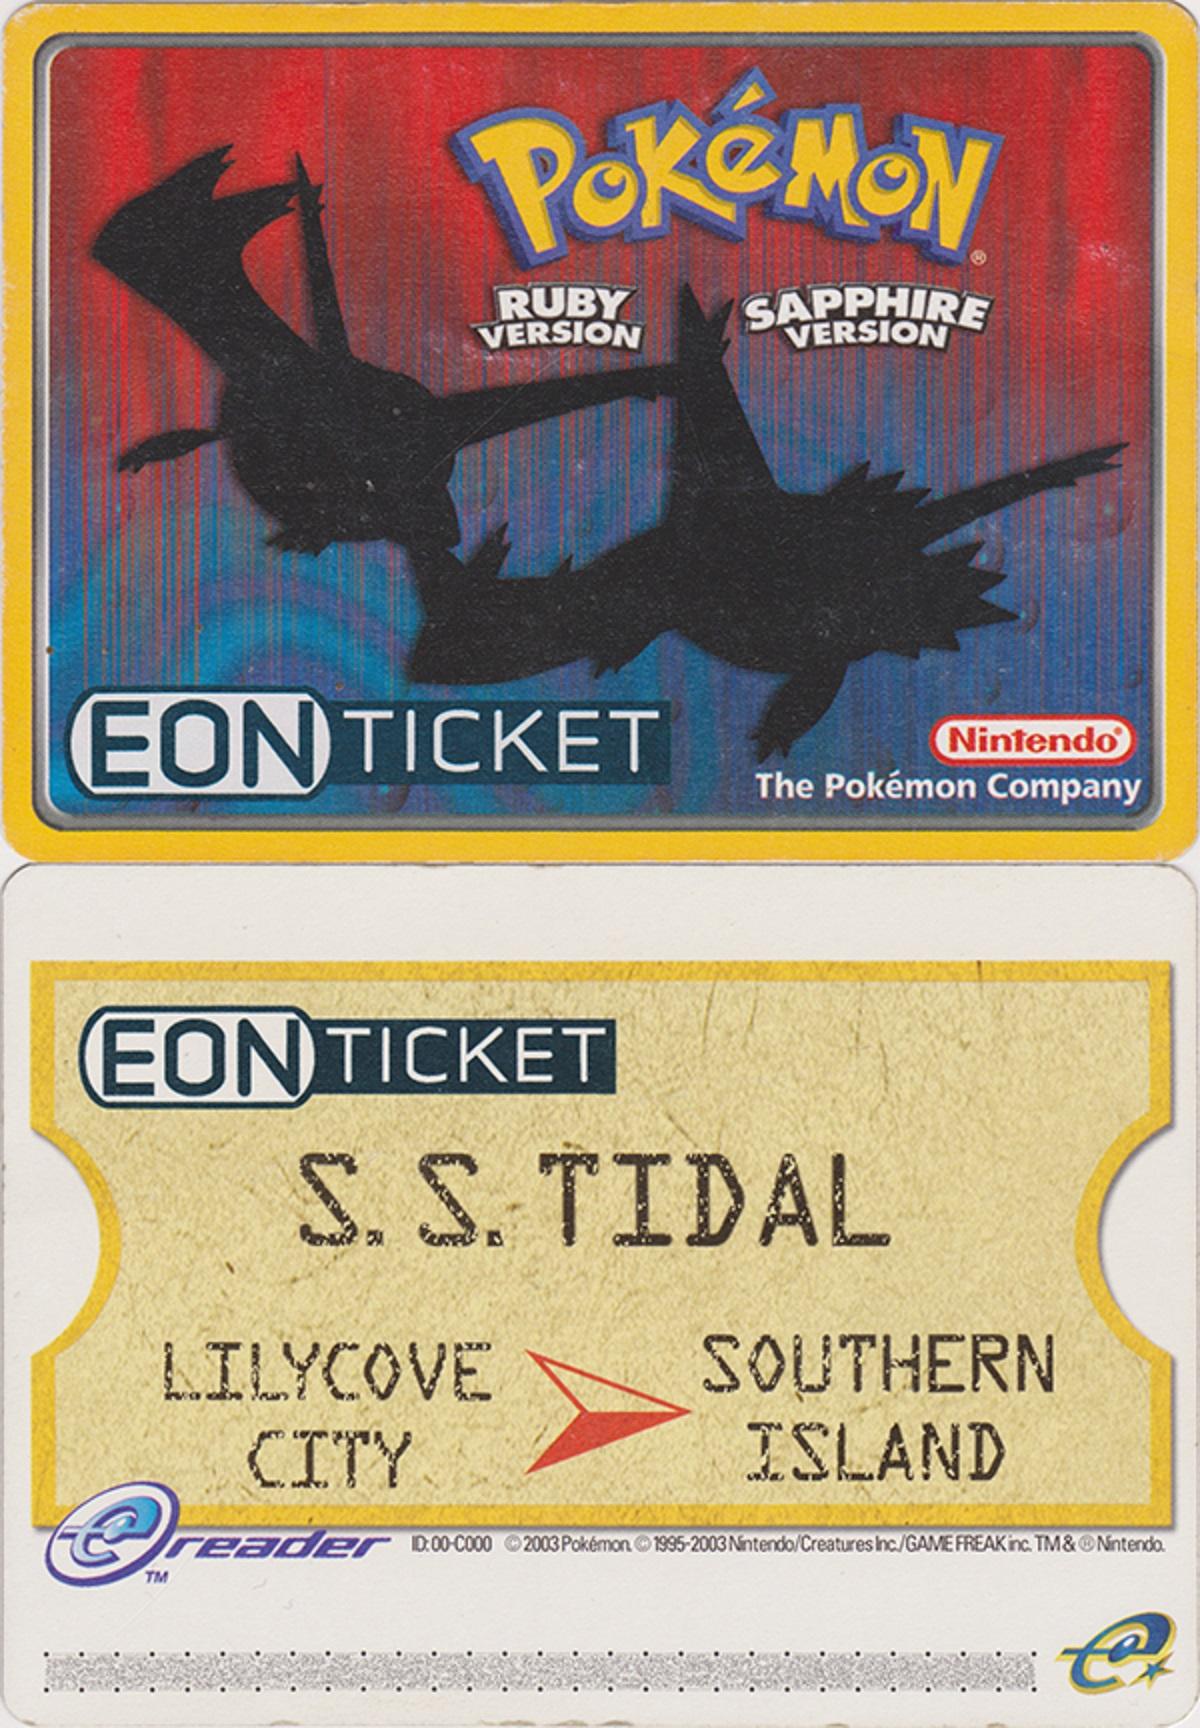 Physical Eon Ticket eCard eReader GBA Nintendo Power Pokemon